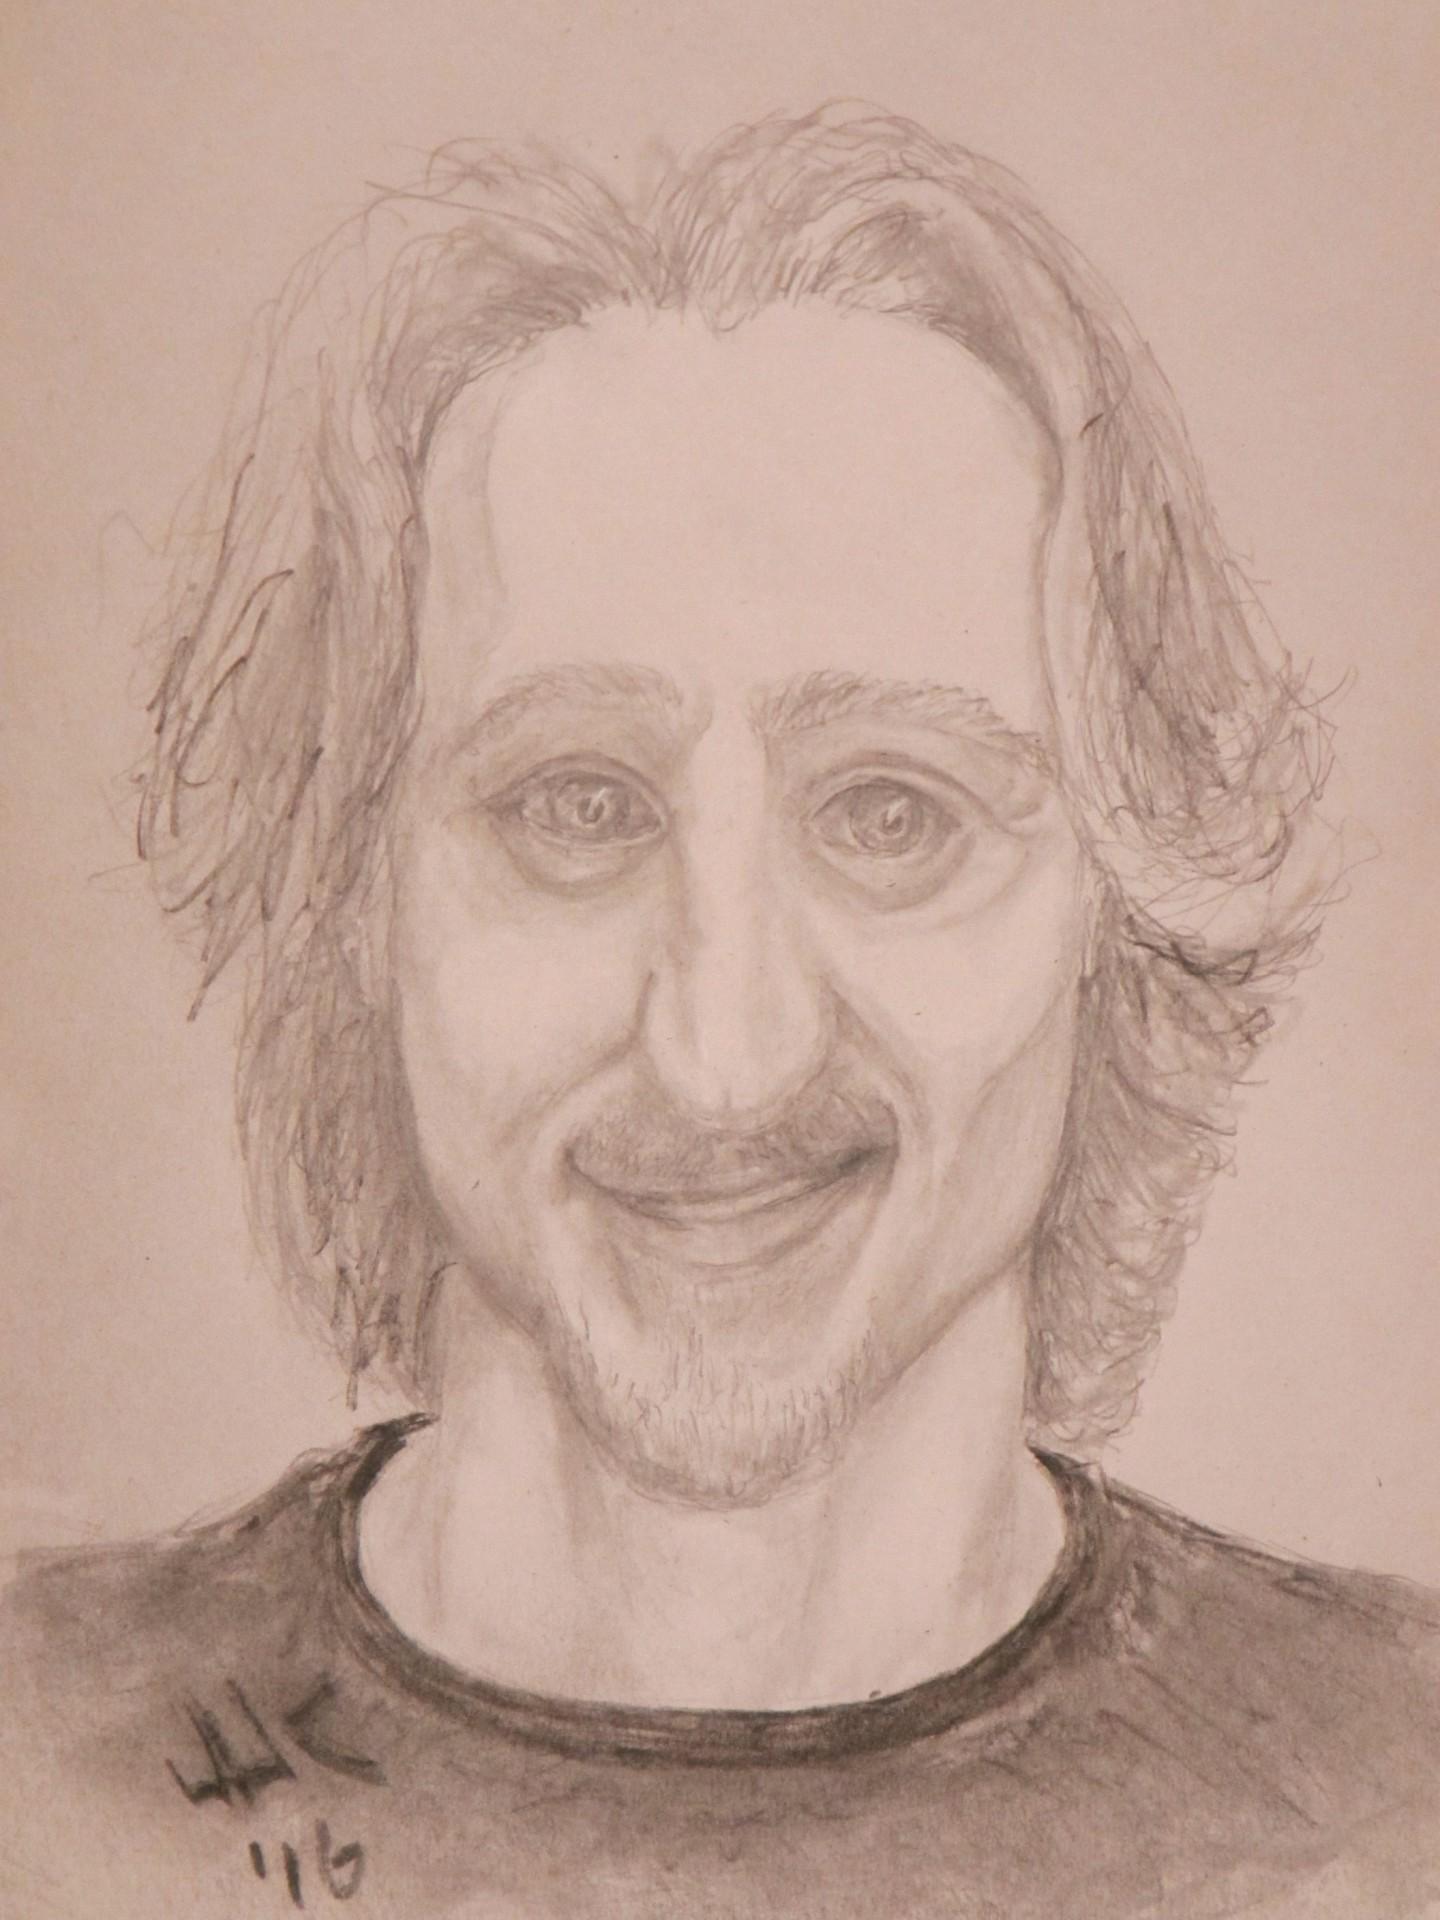 Pencil portrait of the artist's grandson, Brandon.